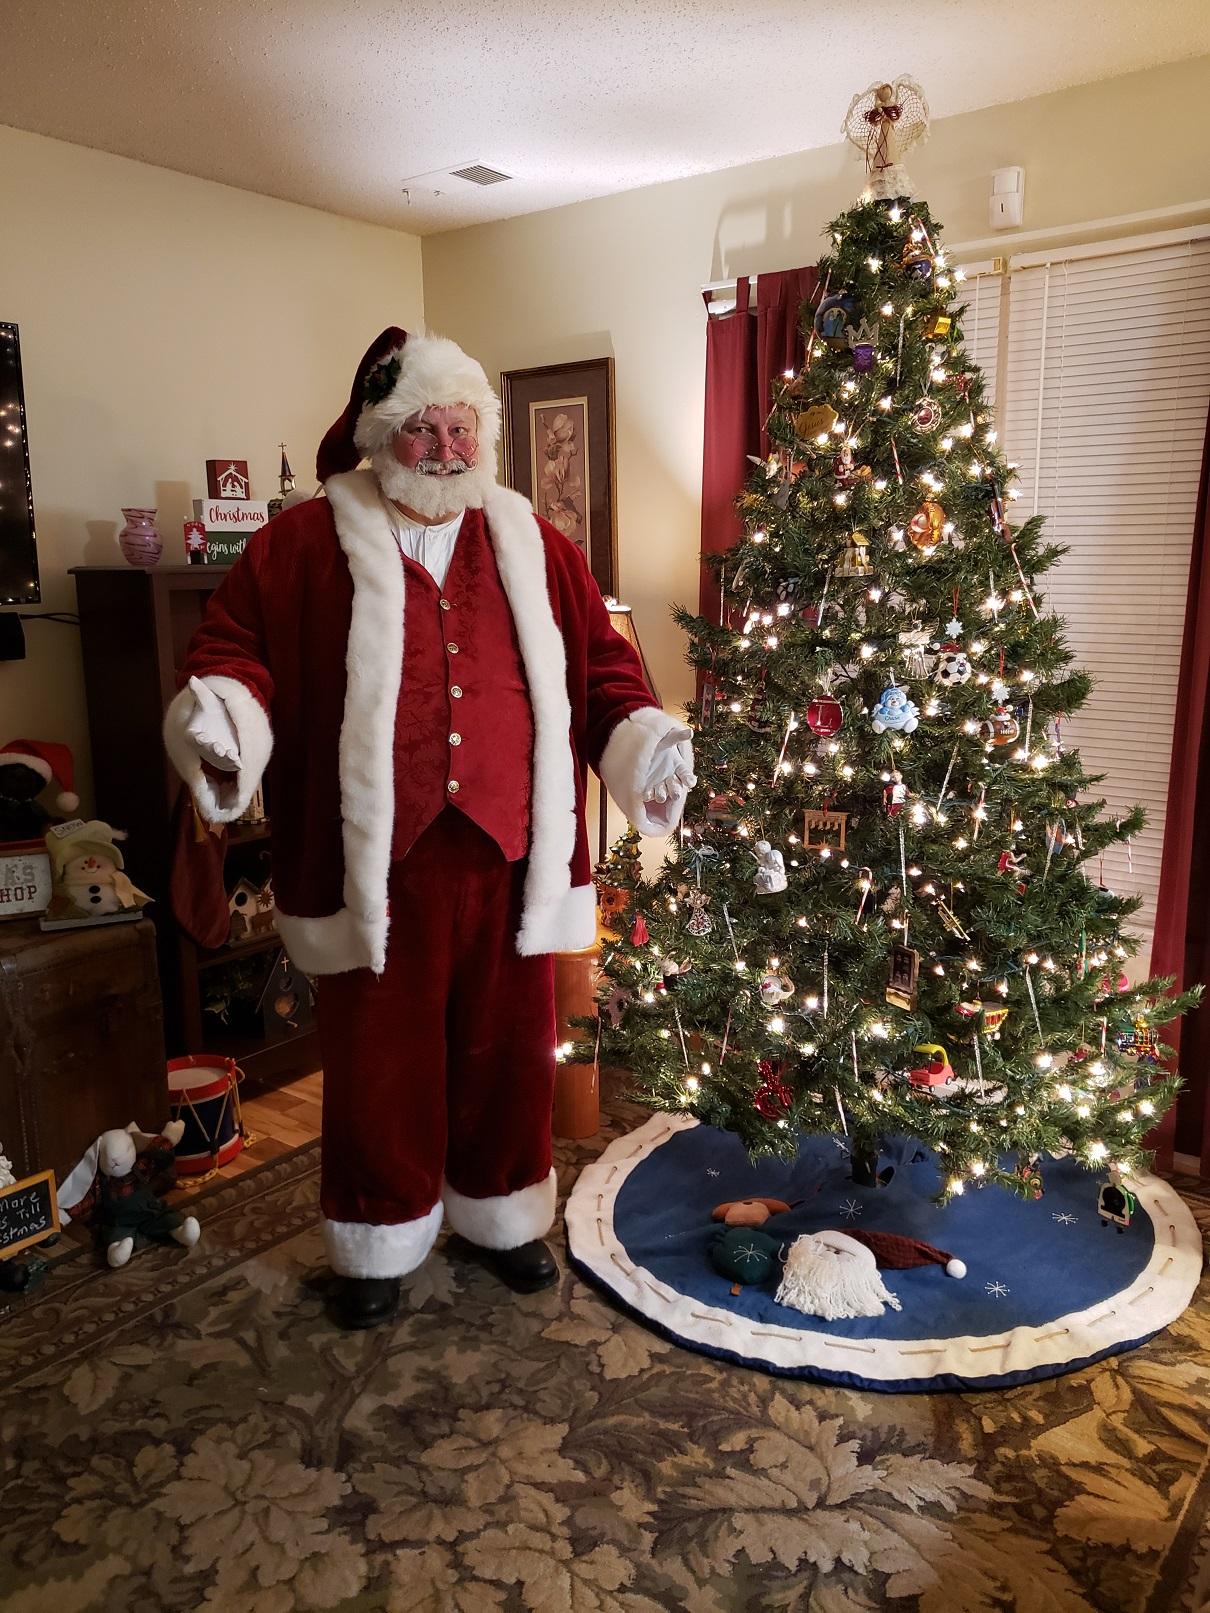 Santa Earl home visits